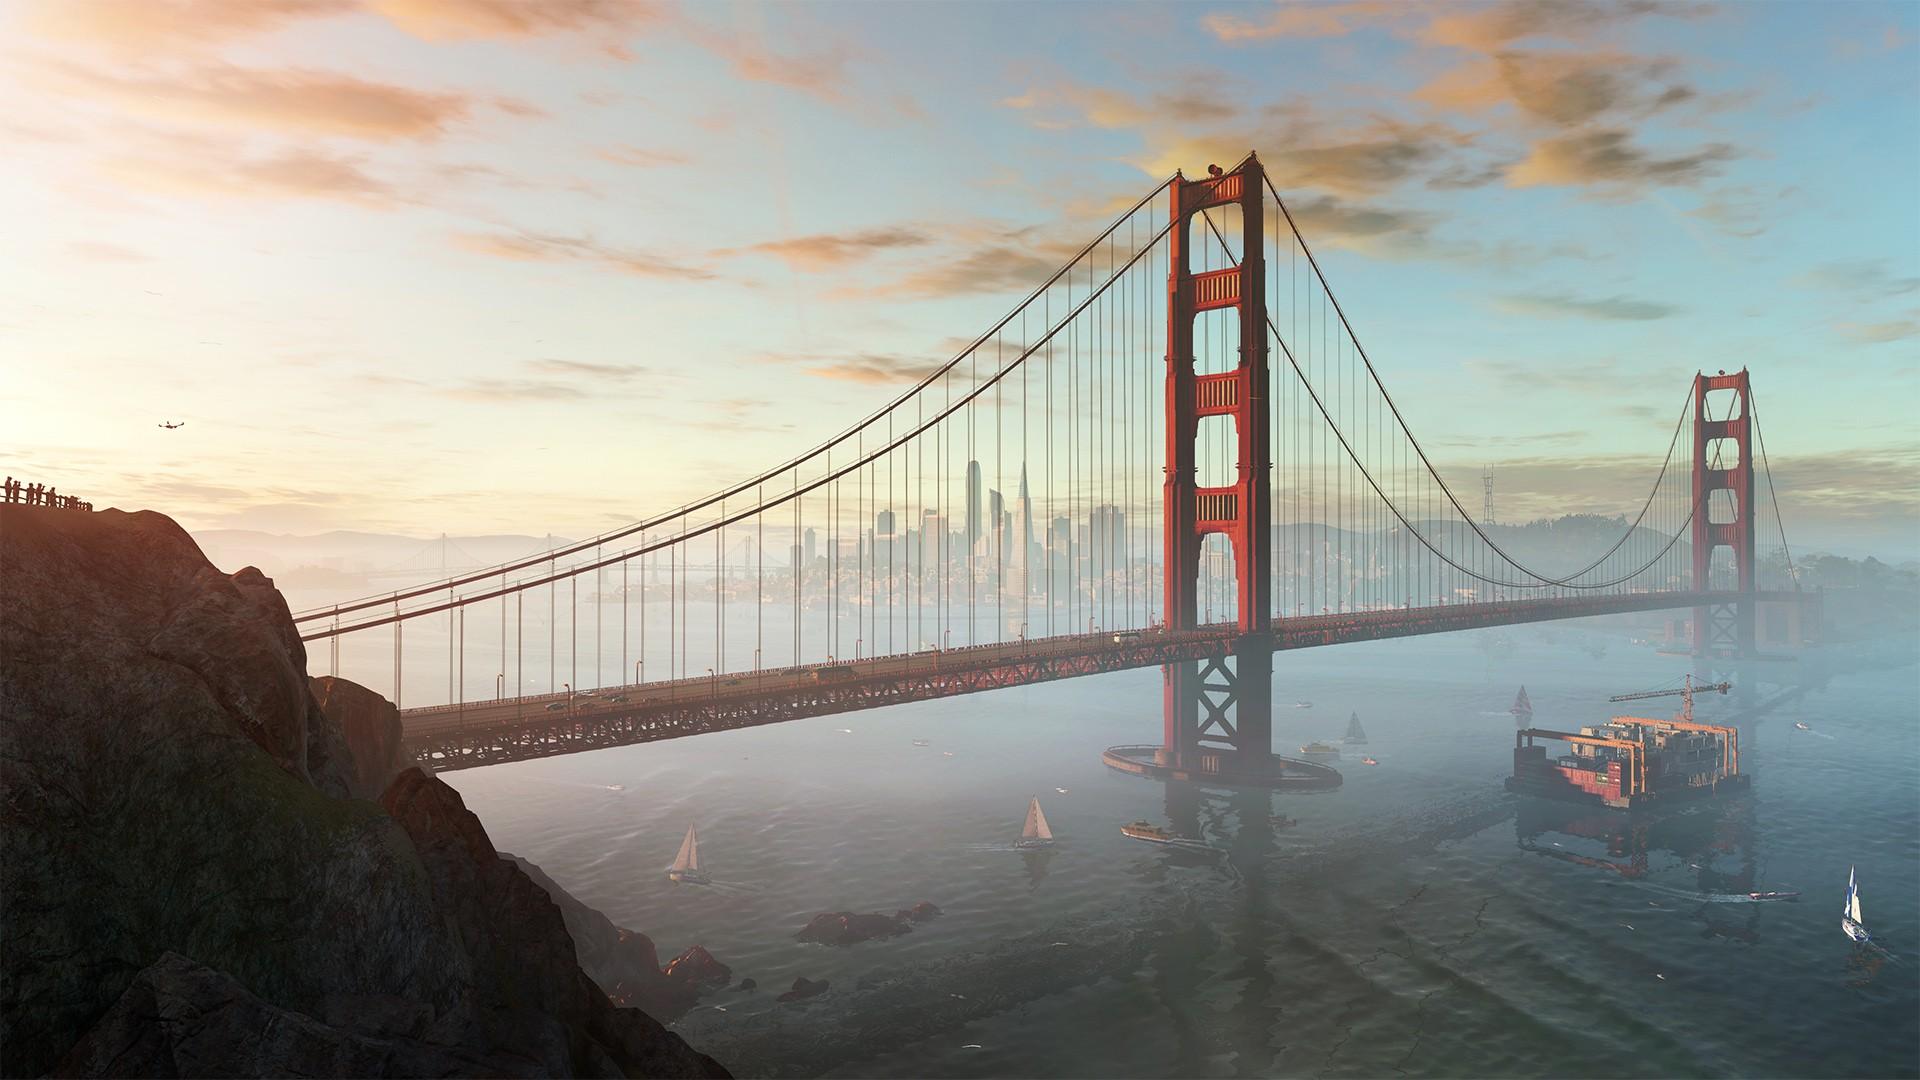 Bem representada no game, São Francisco não perdeu nem mesmo sua neblina característica (Foto: Divulgação)